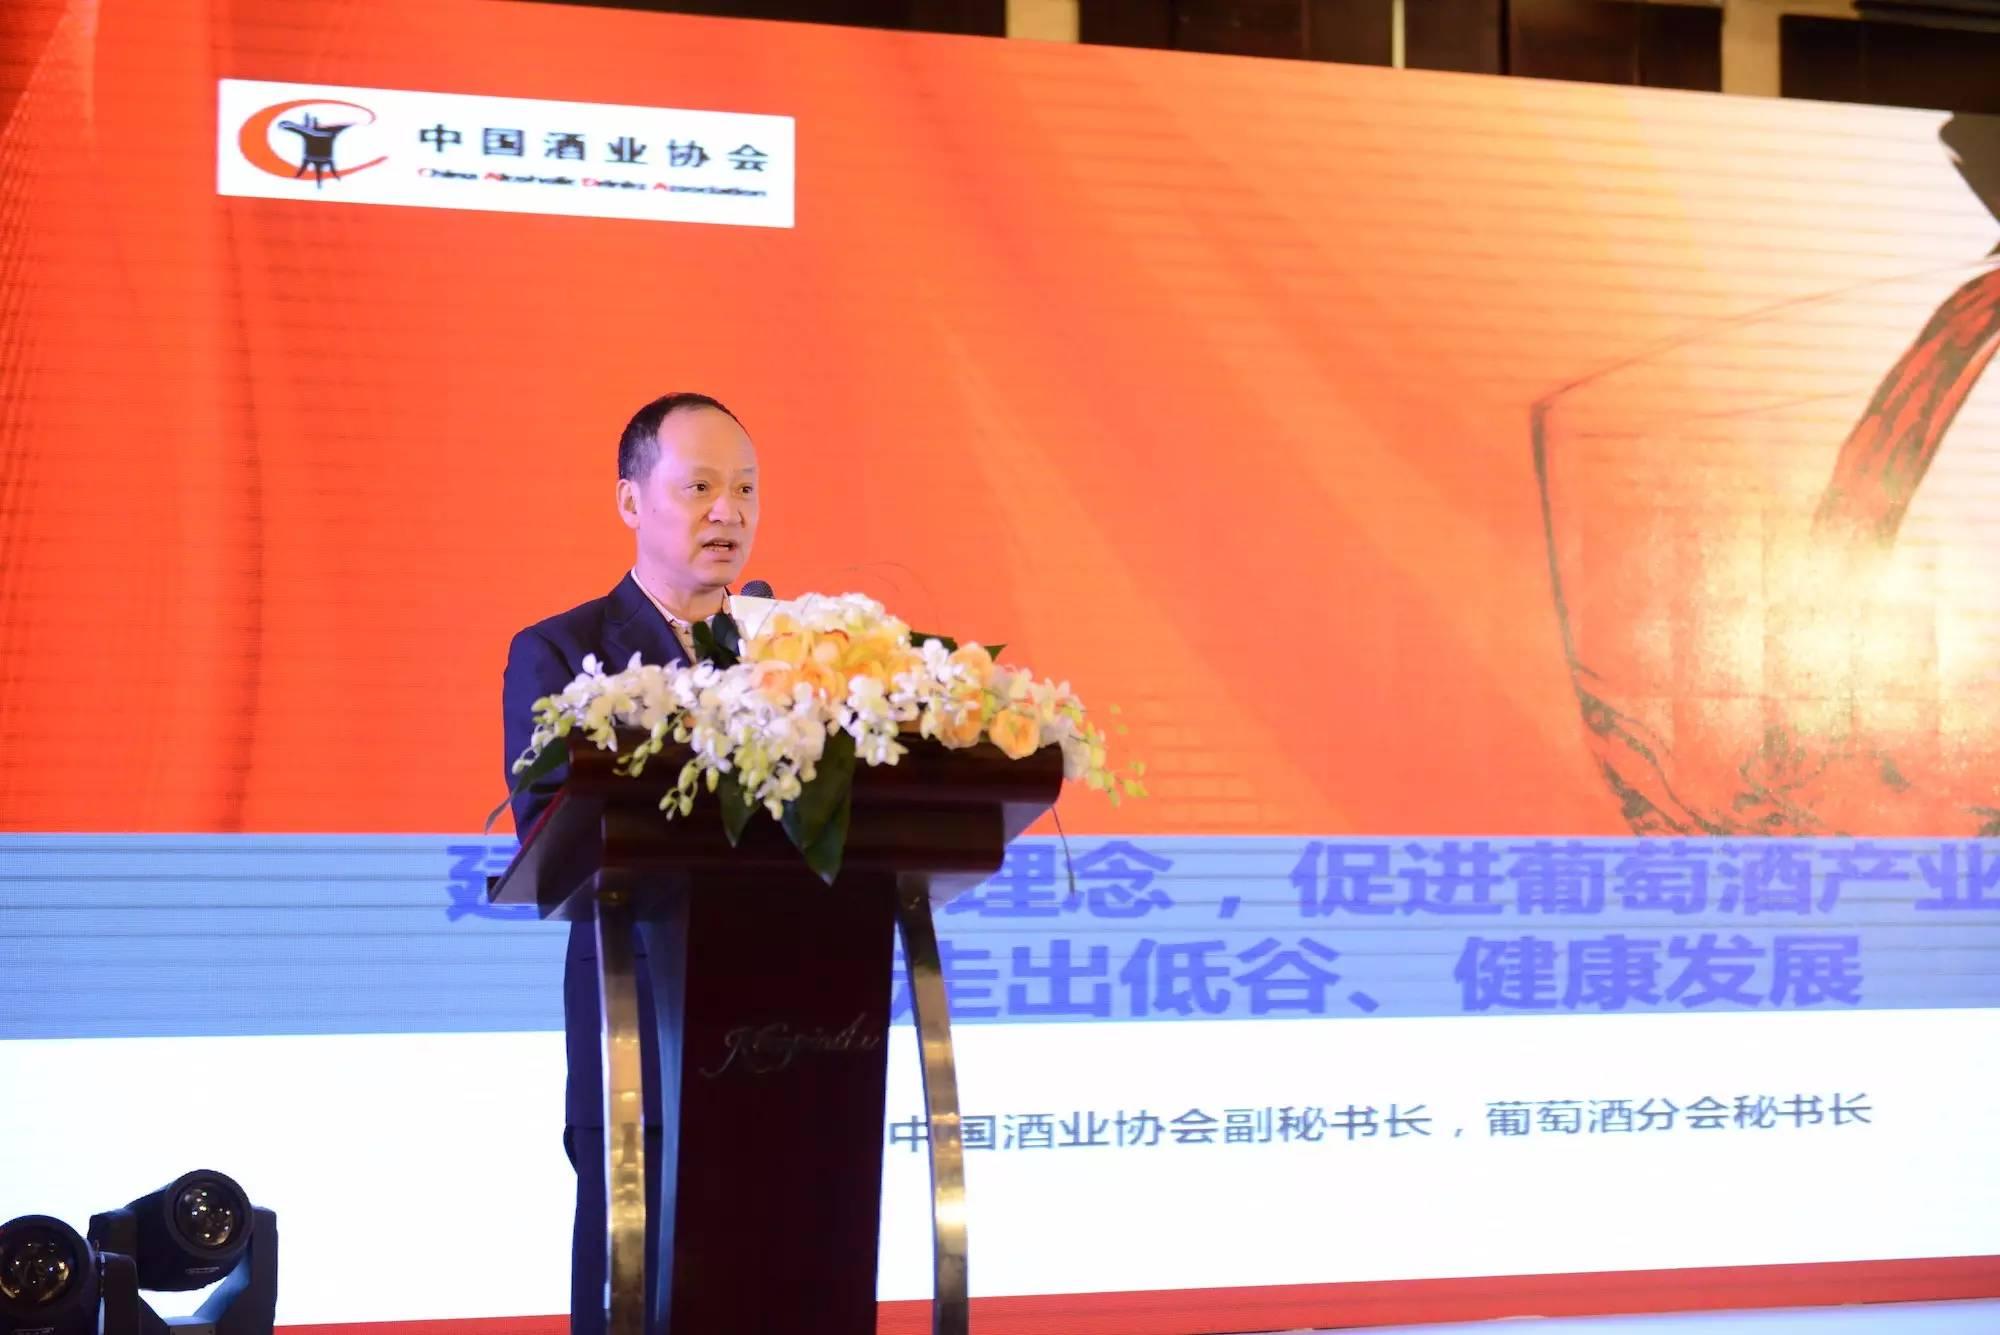 中国酒业协会副秘书长、葡萄酒分会秘书长王祖明在峰会论坛上发言